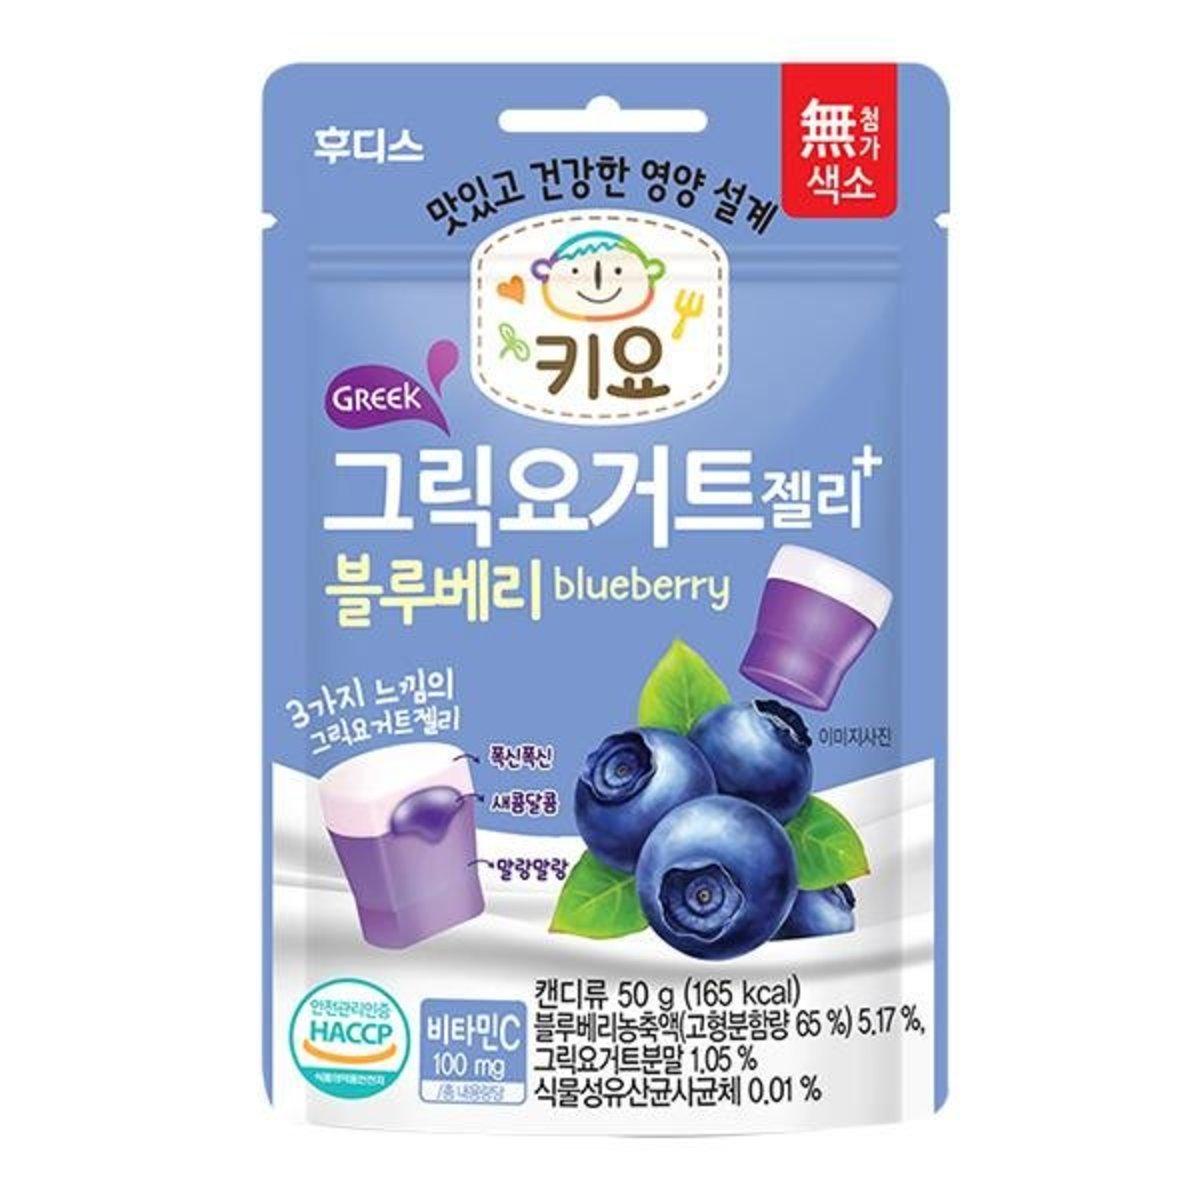 ILDONG Keeyo 乳酪果凍橡皮糖(藍莓) 適合24個月或以上